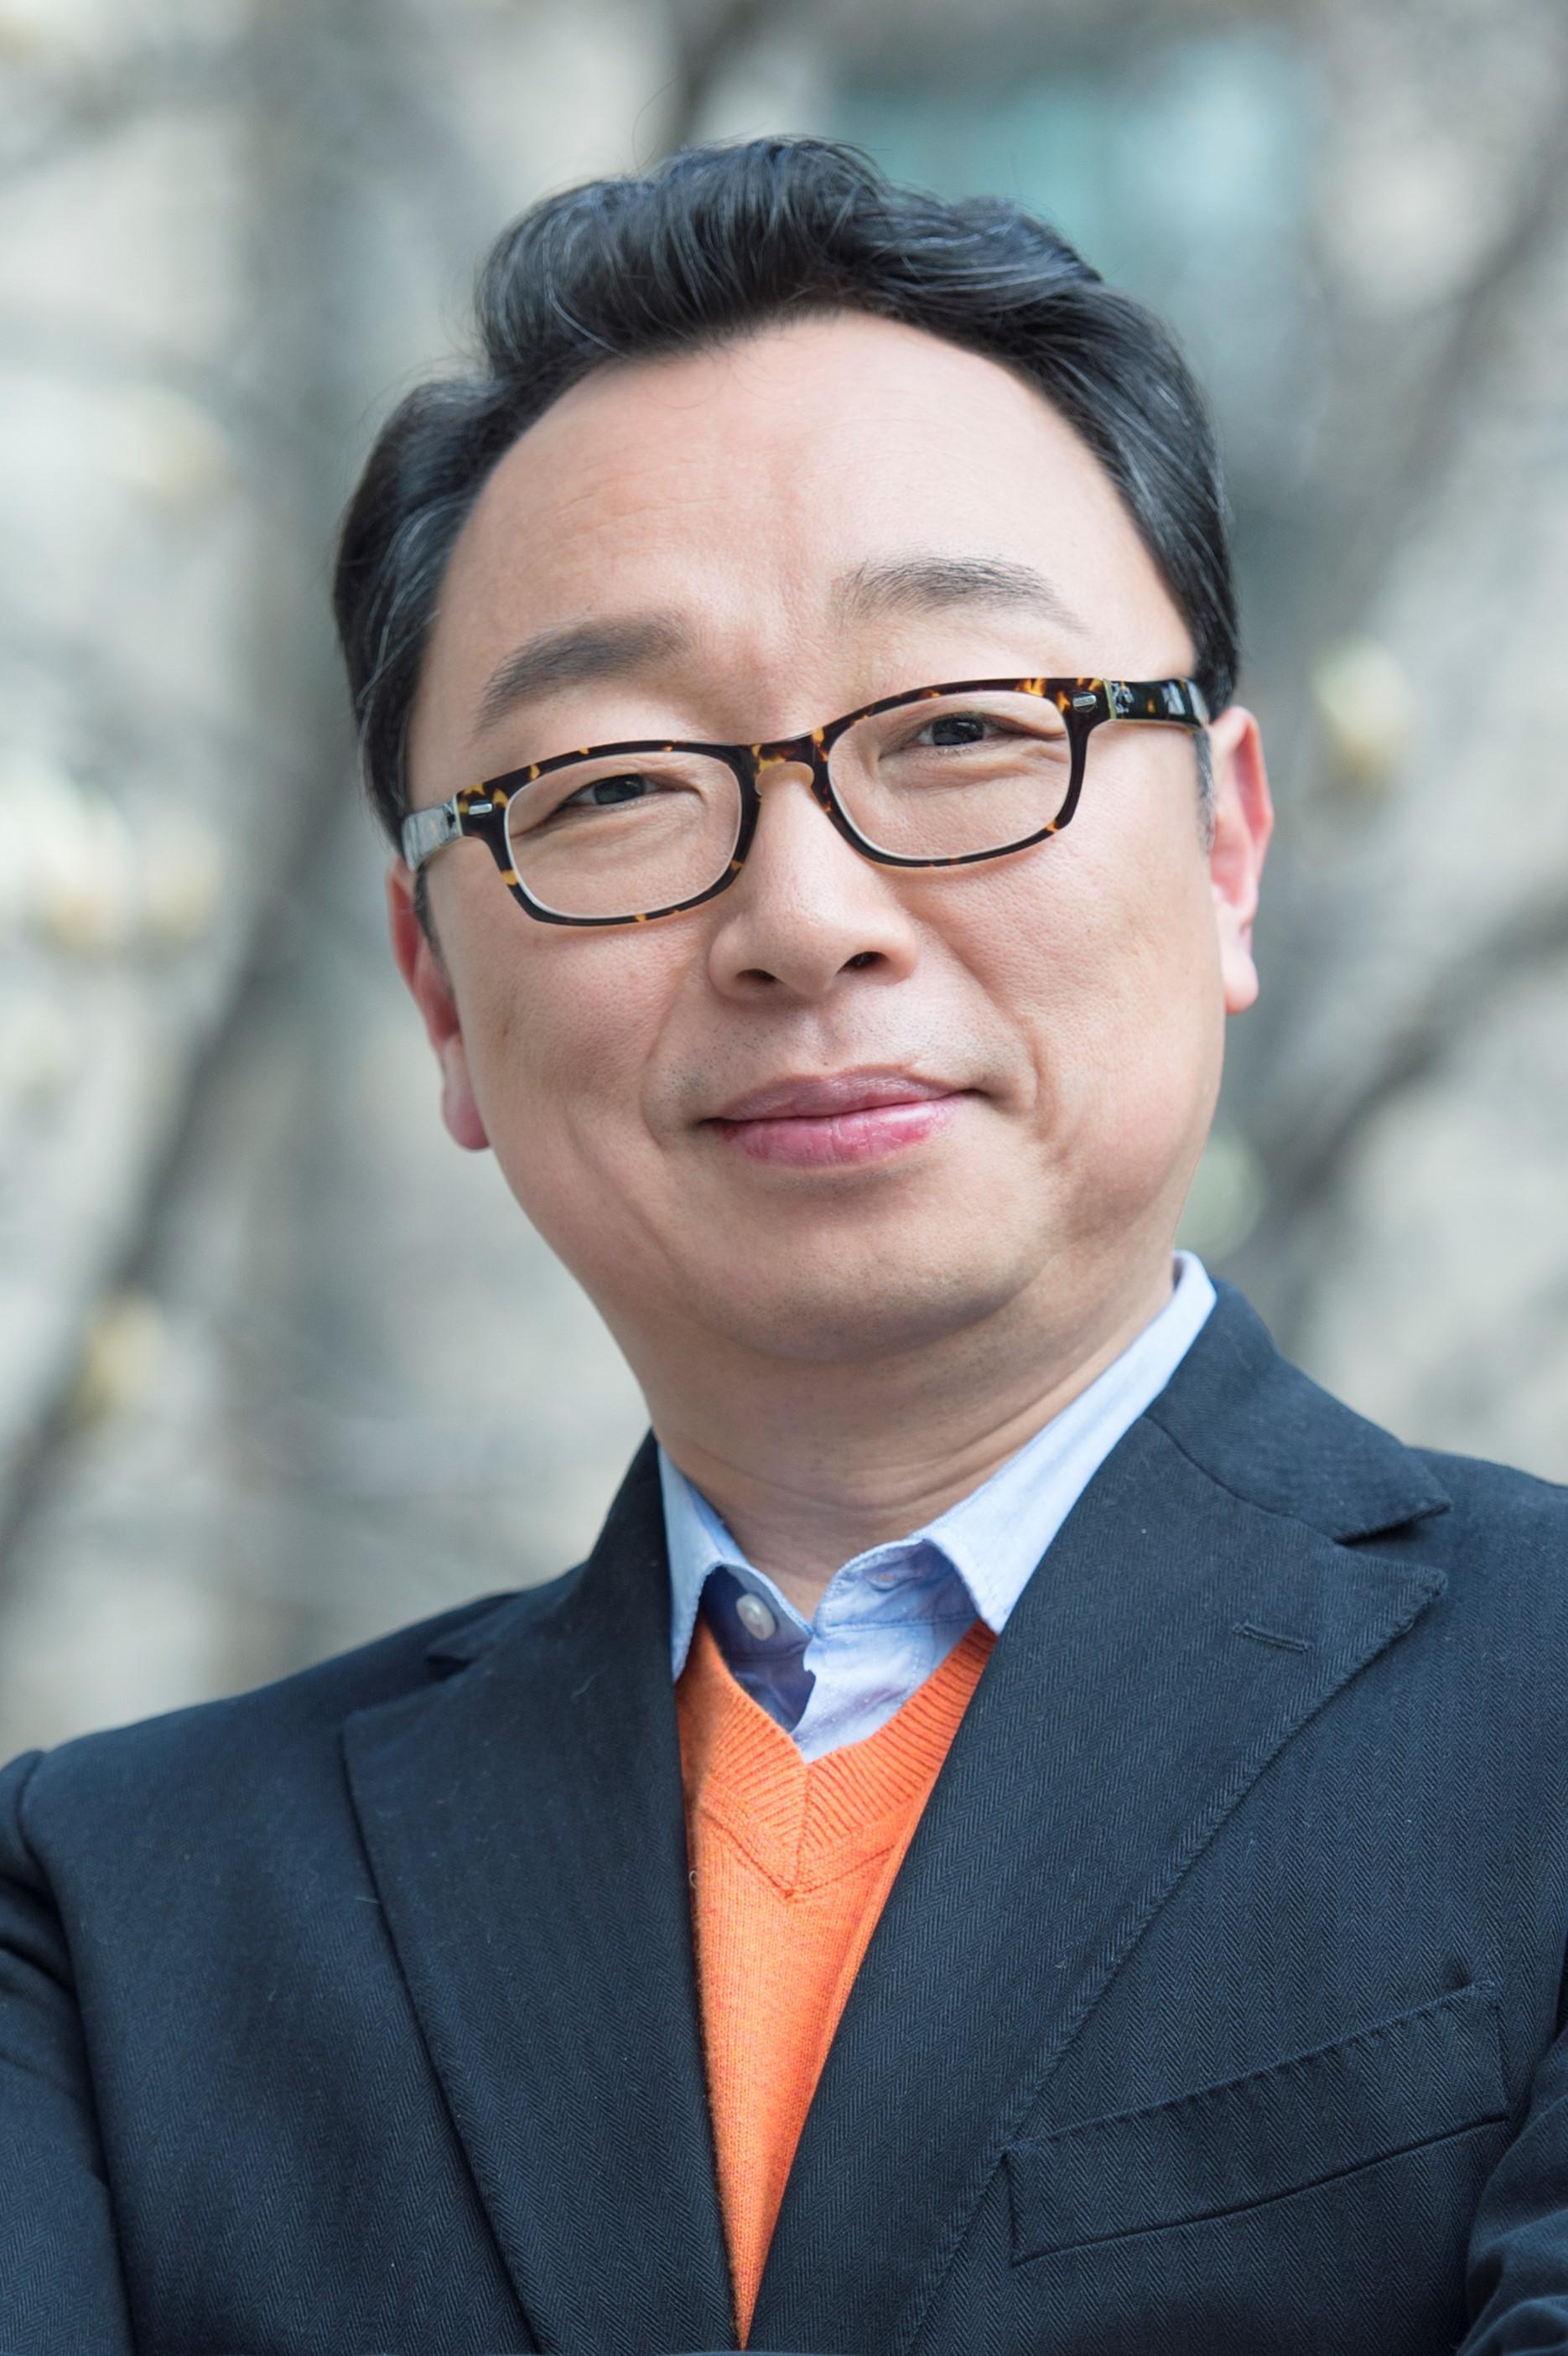 이태용(李泰龍) 부교수님 사진